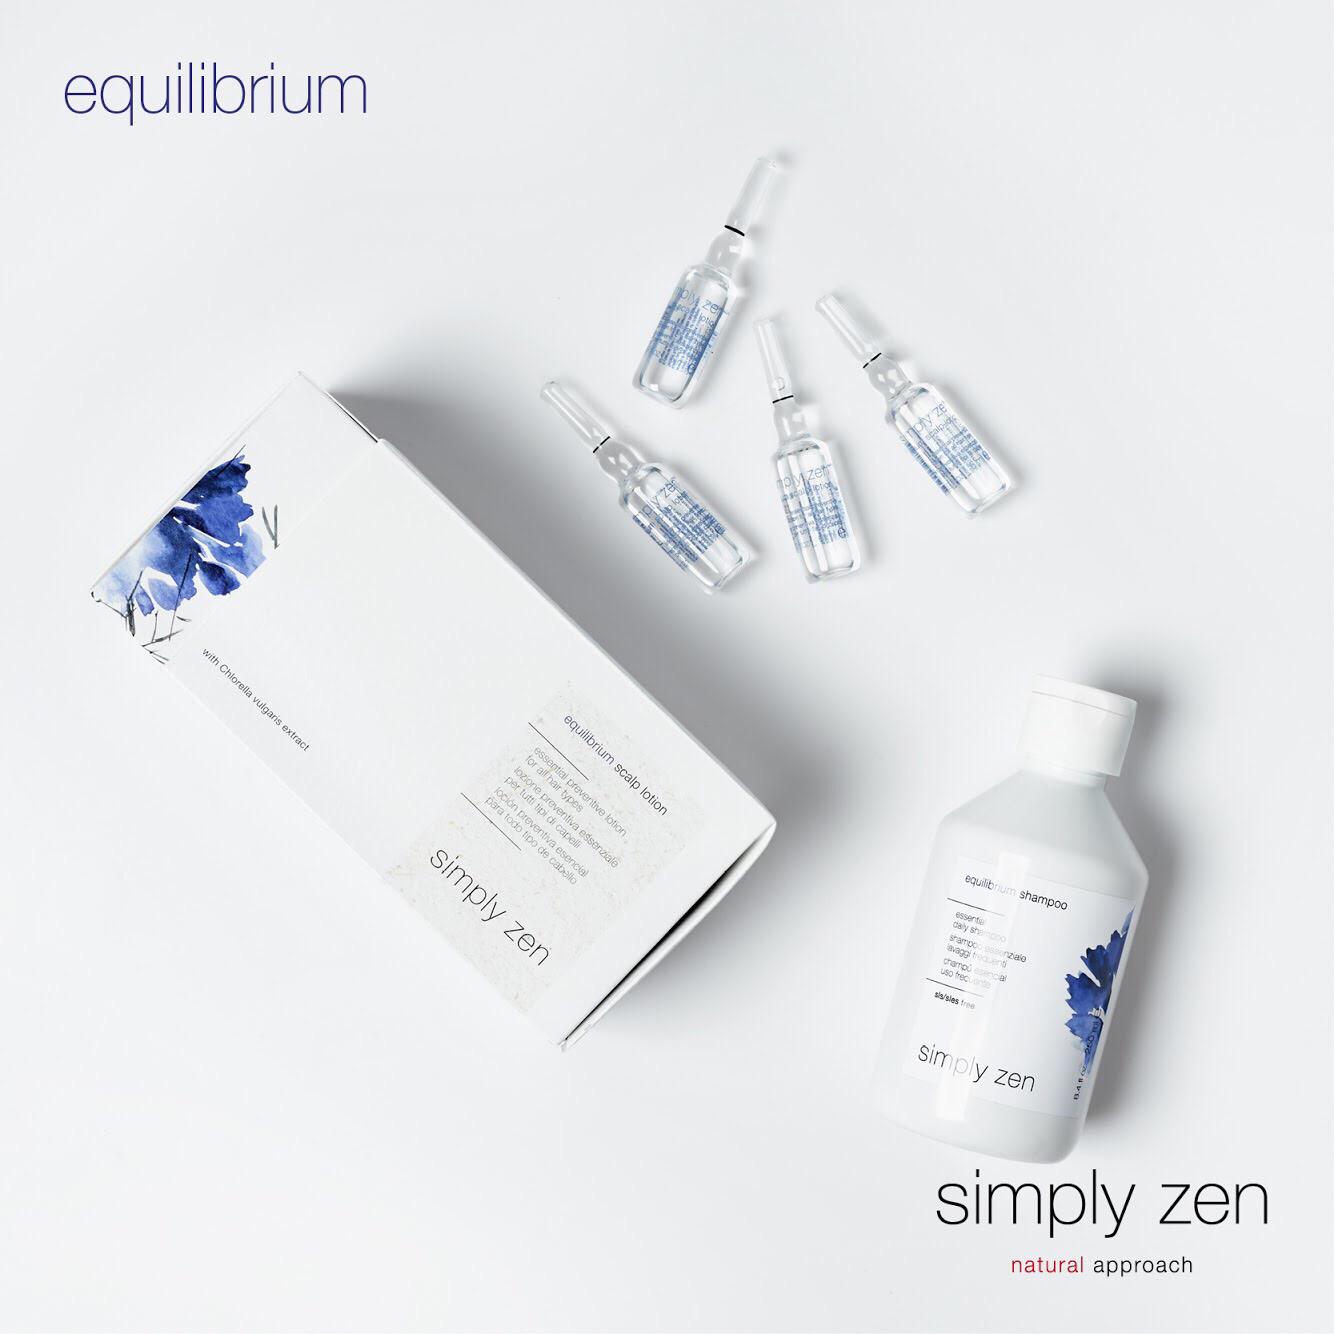 Профилактический лосьон equilibrium scalp lotion simply zen